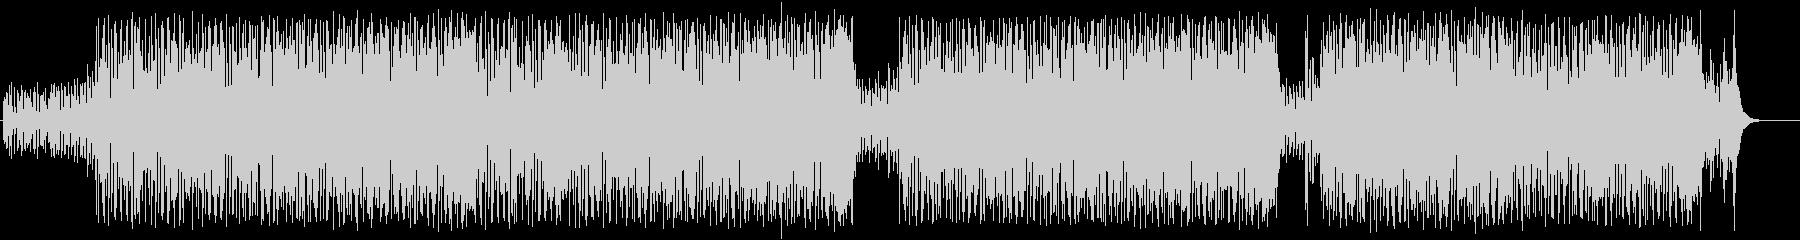 大人のポップ/ボサノバ(フルサイズ)の未再生の波形